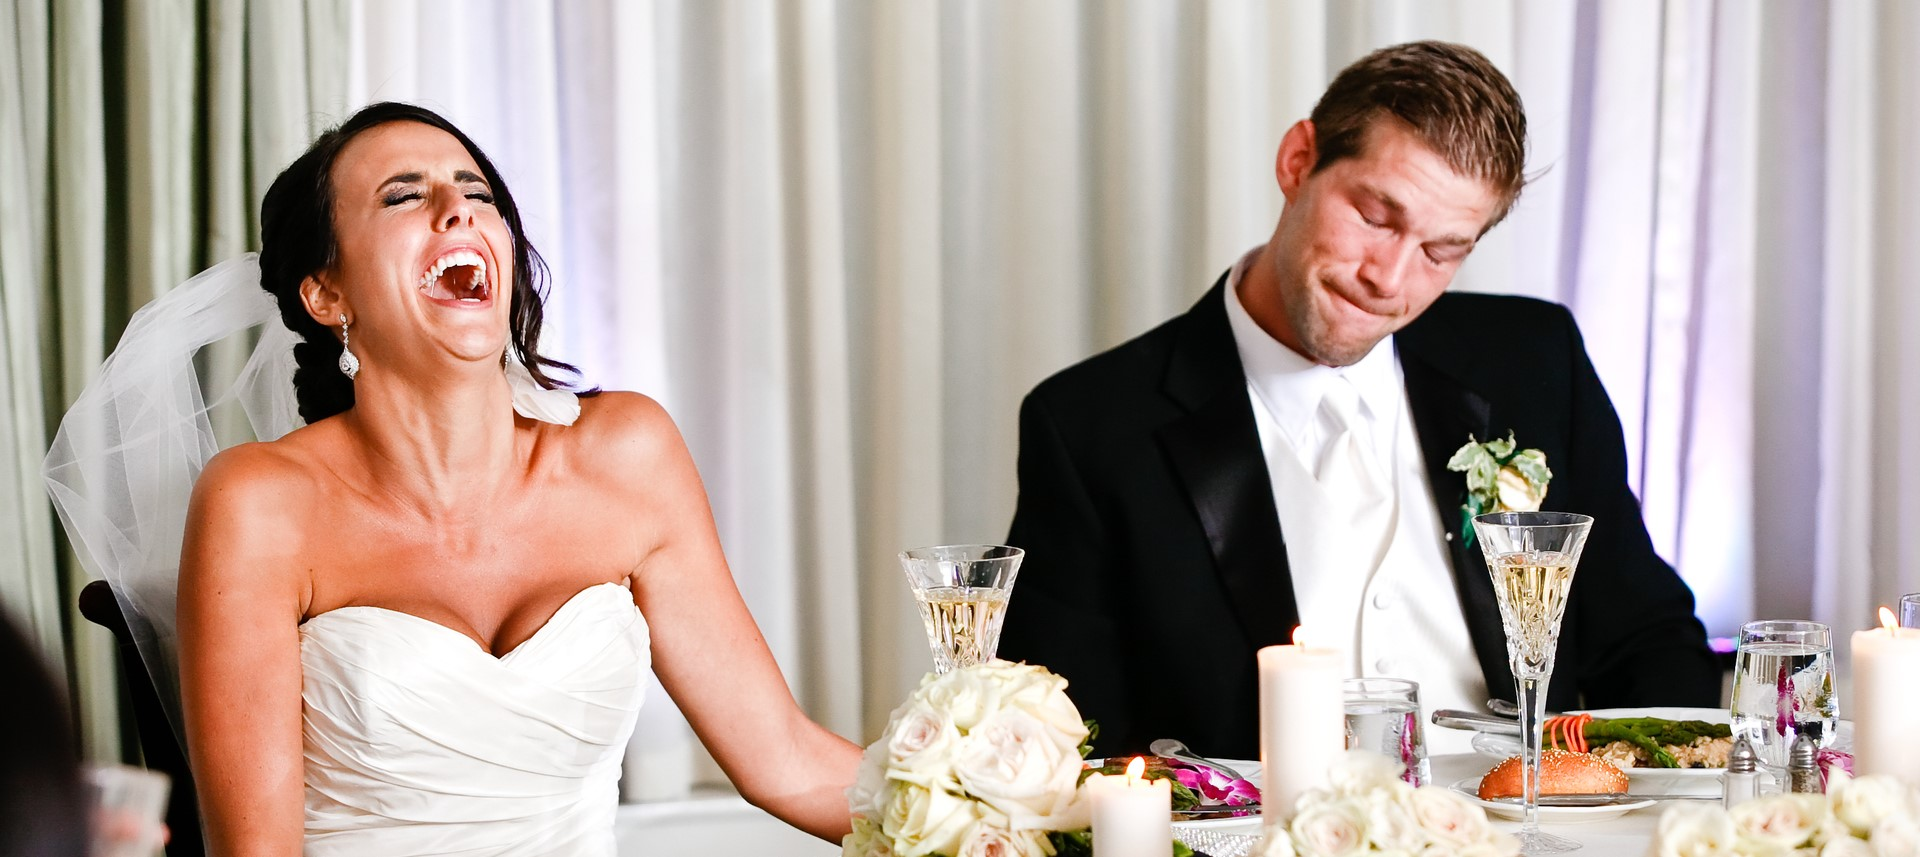 Braut lacht über Anekdote, Bräutigam ist verunsichert, Bräutigam schämt sich, glückliches Brautpaar bei Hochzeitsrede